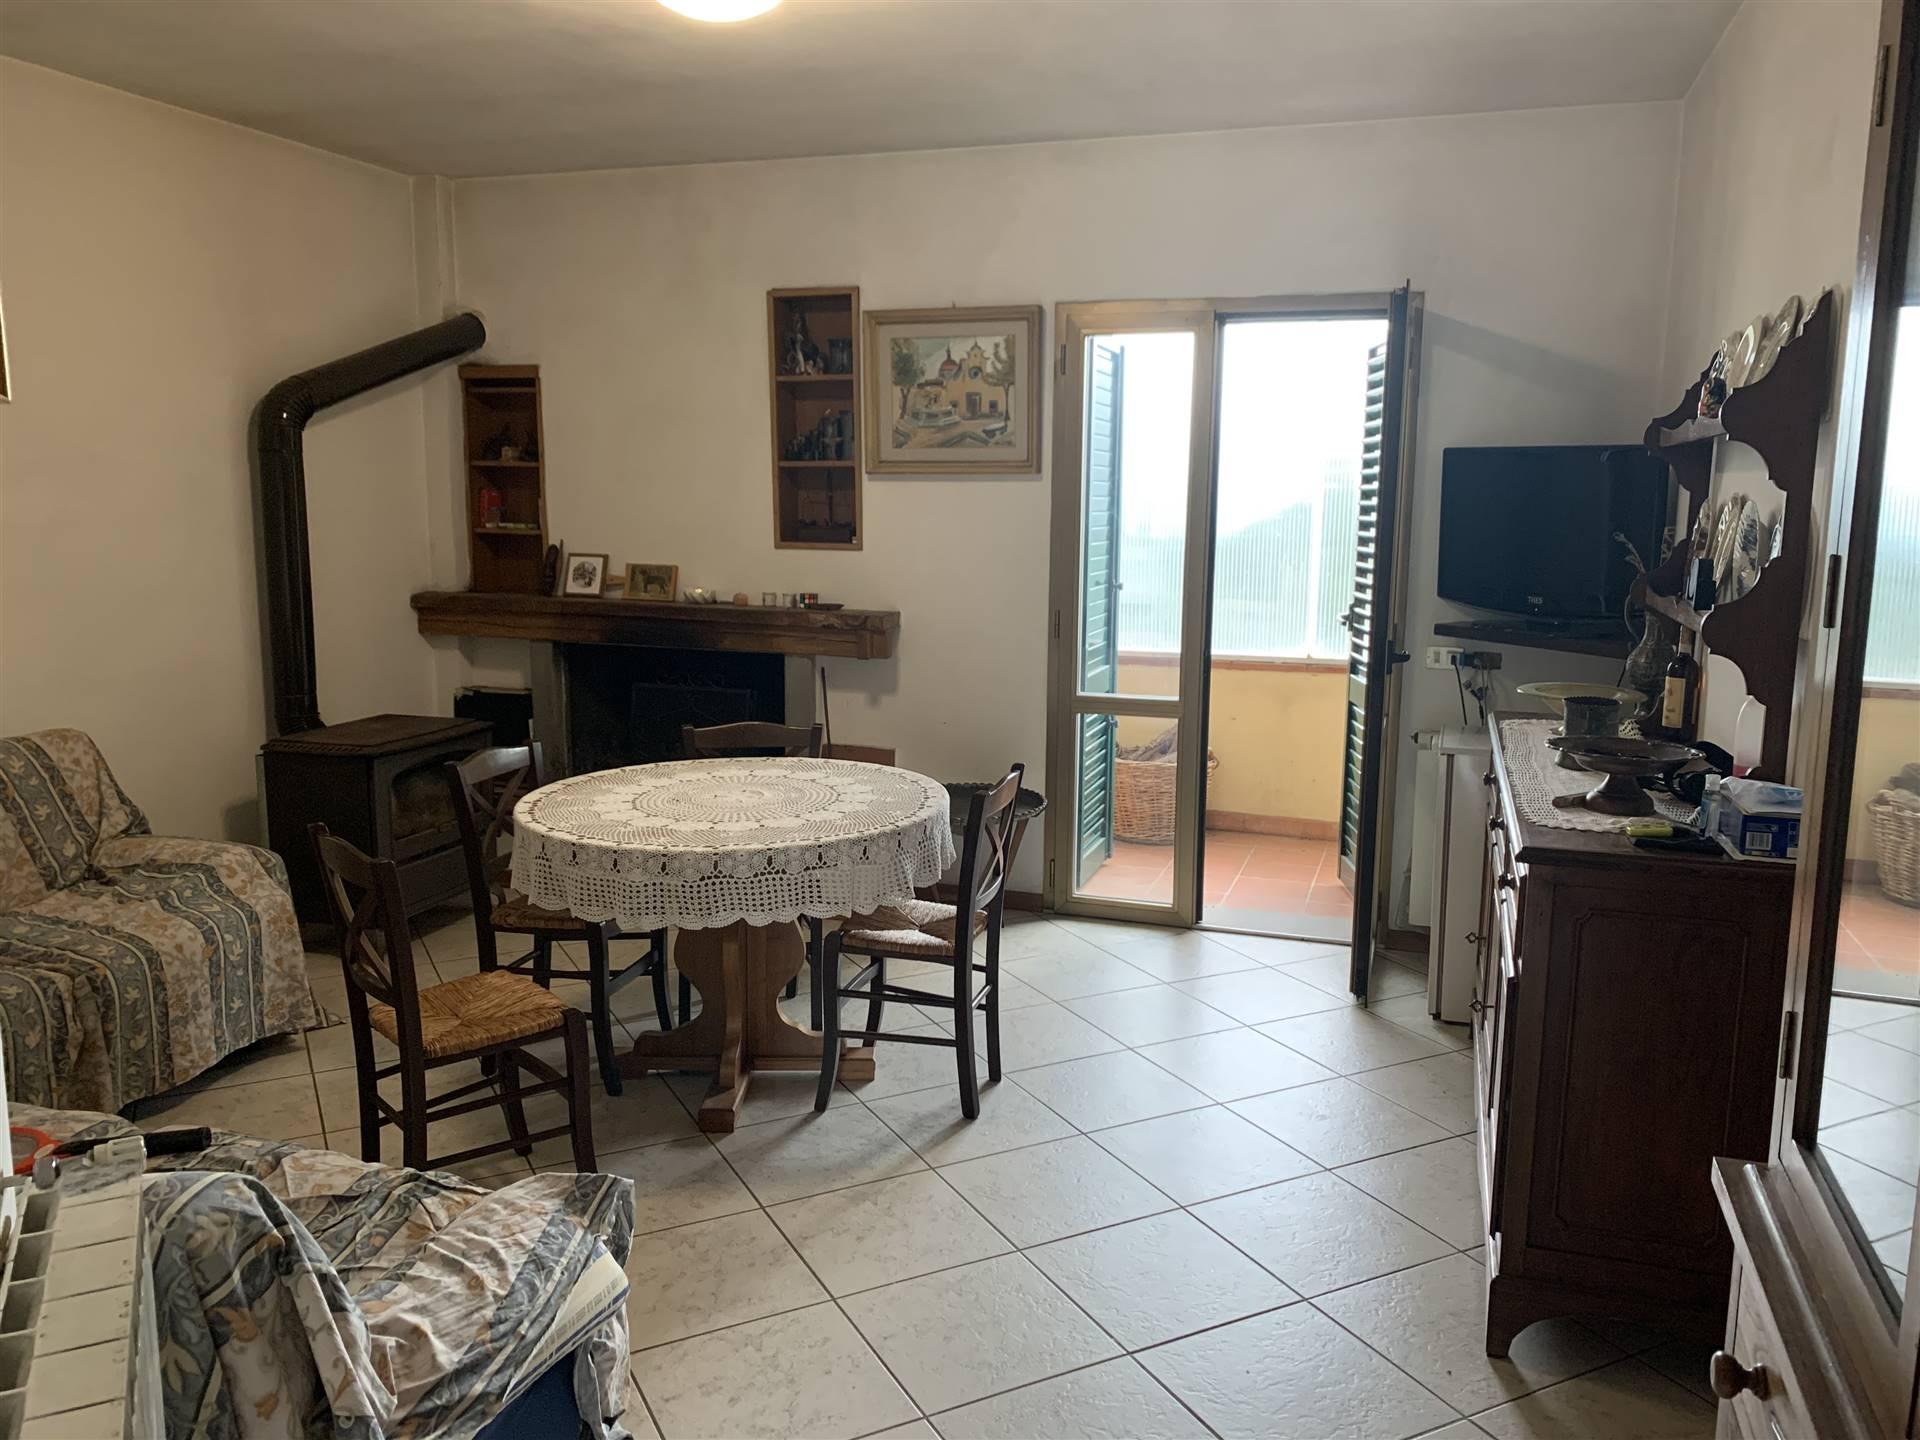 Appartamento in vendita a Greve in Chianti, 4 locali, zona Zona: Lucolena, prezzo € 135.000 | CambioCasa.it